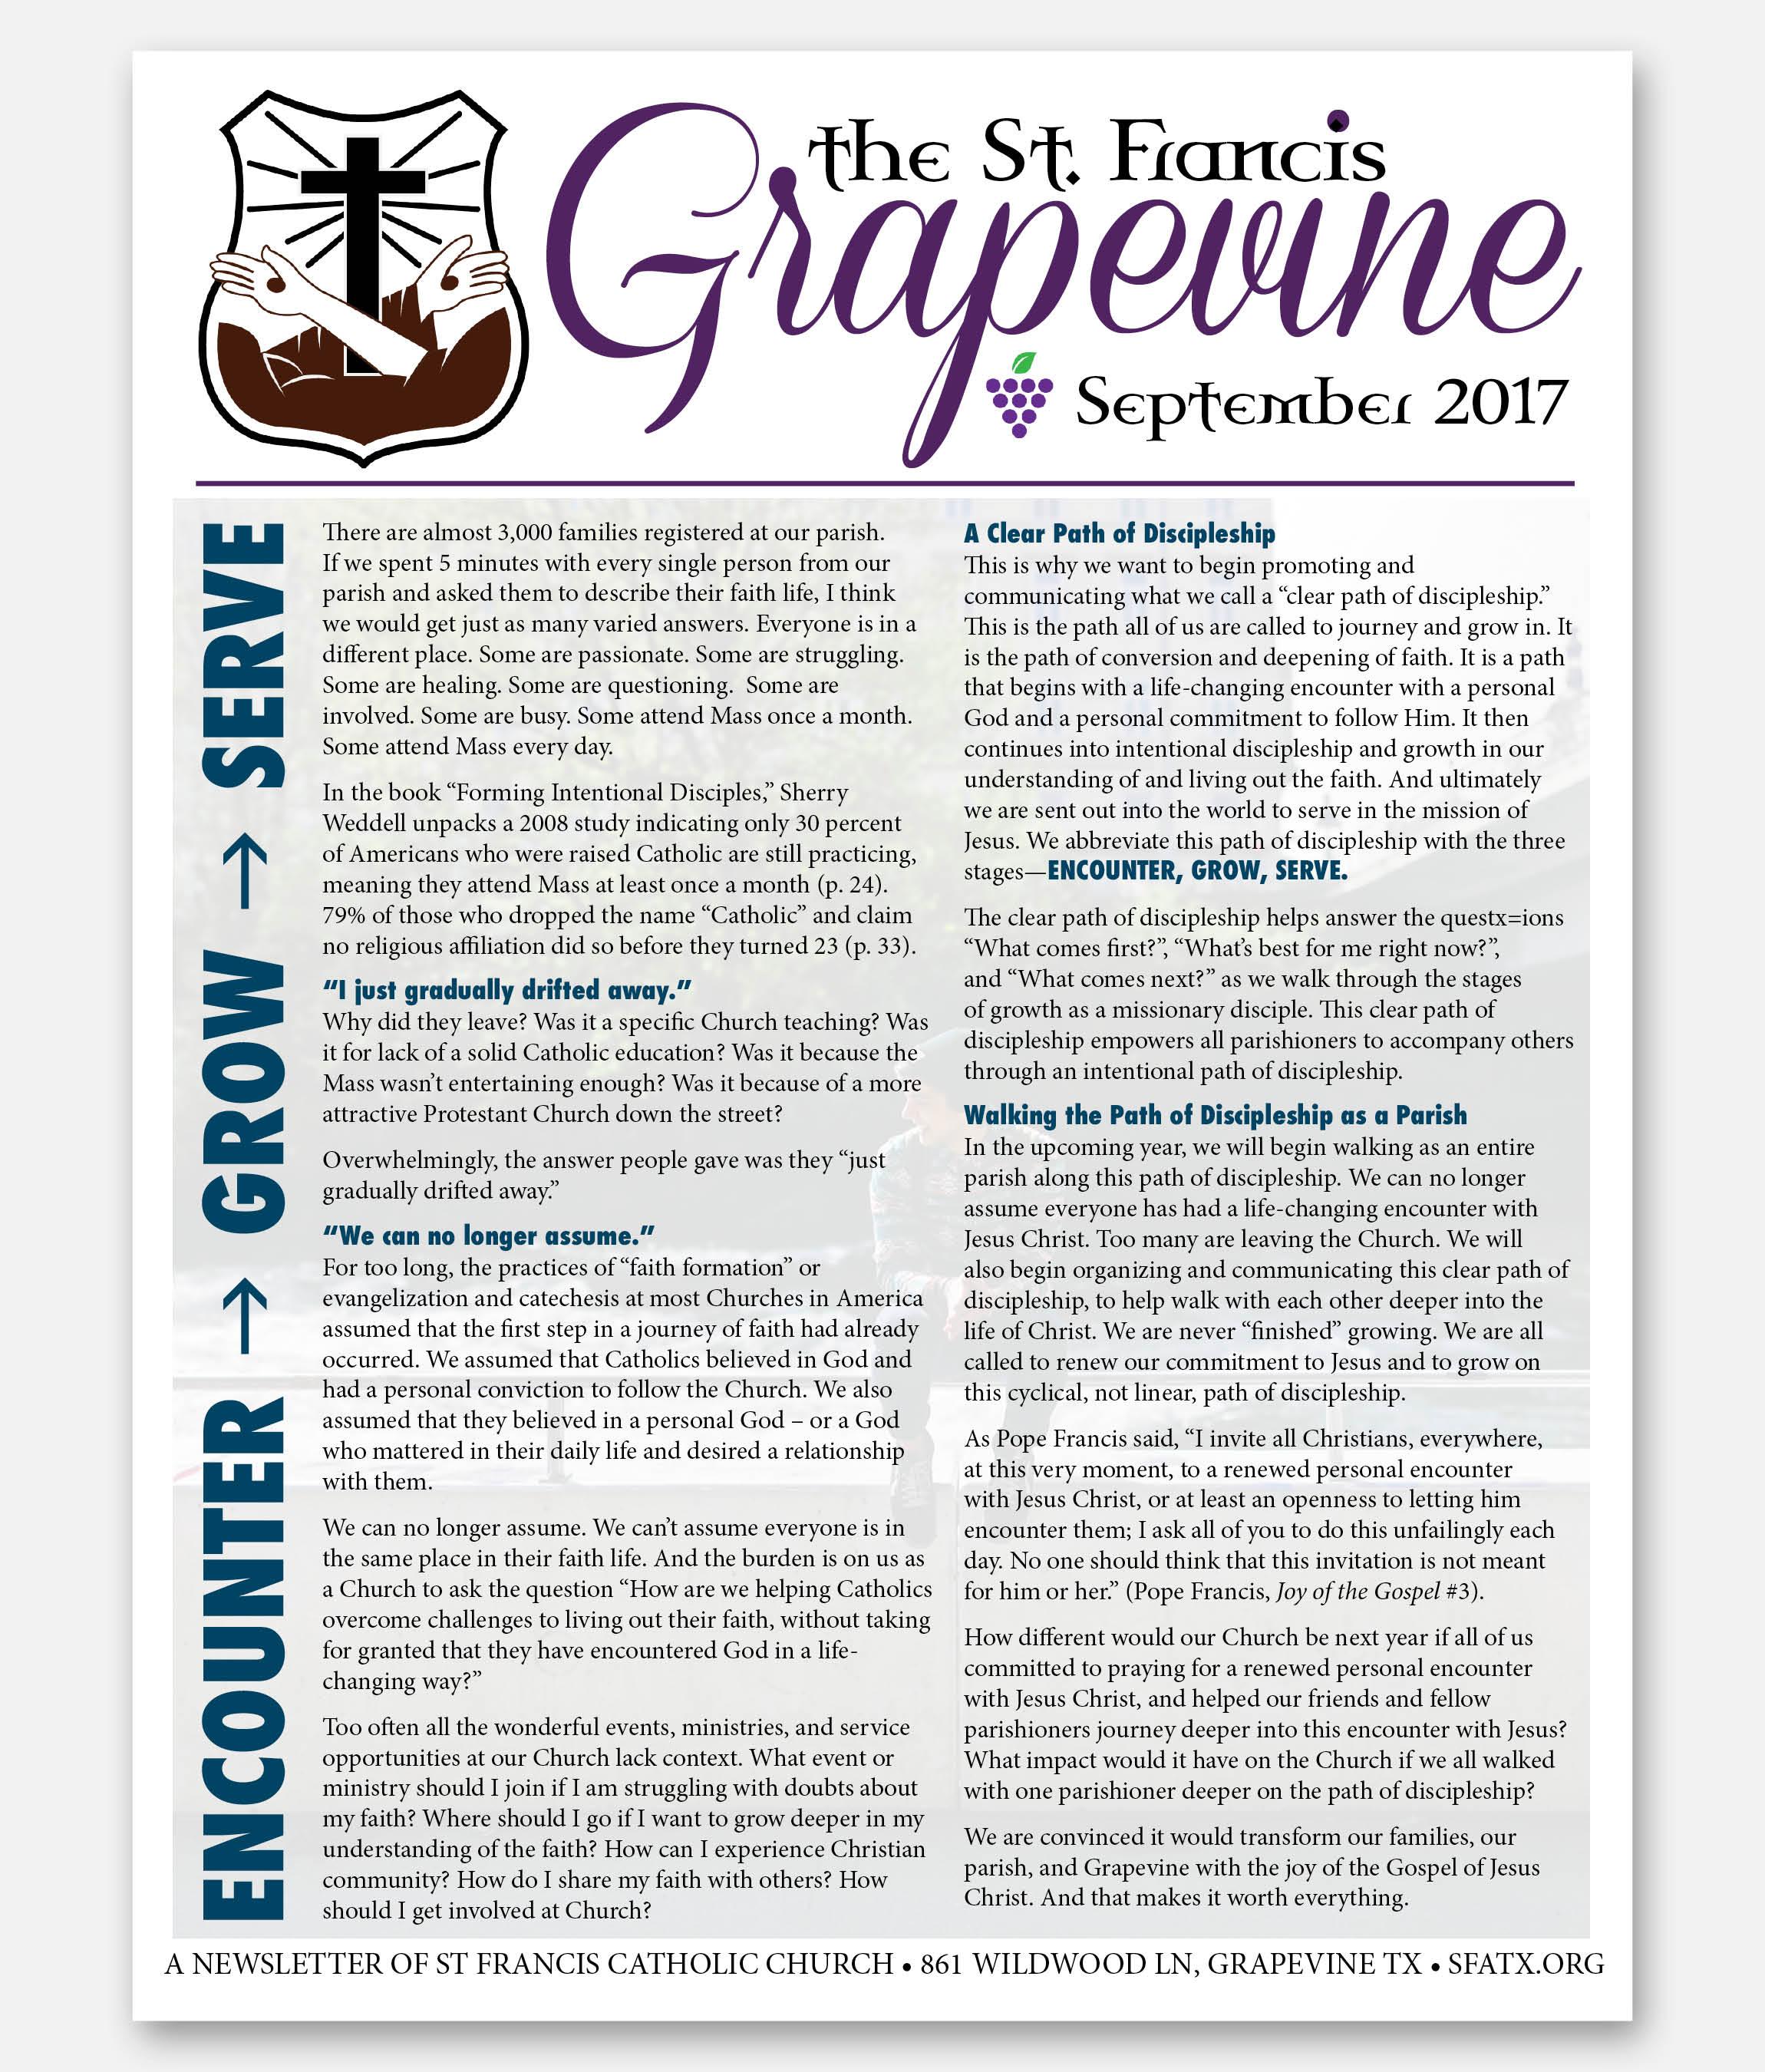 grapevine-newsletter-sept17.jpg